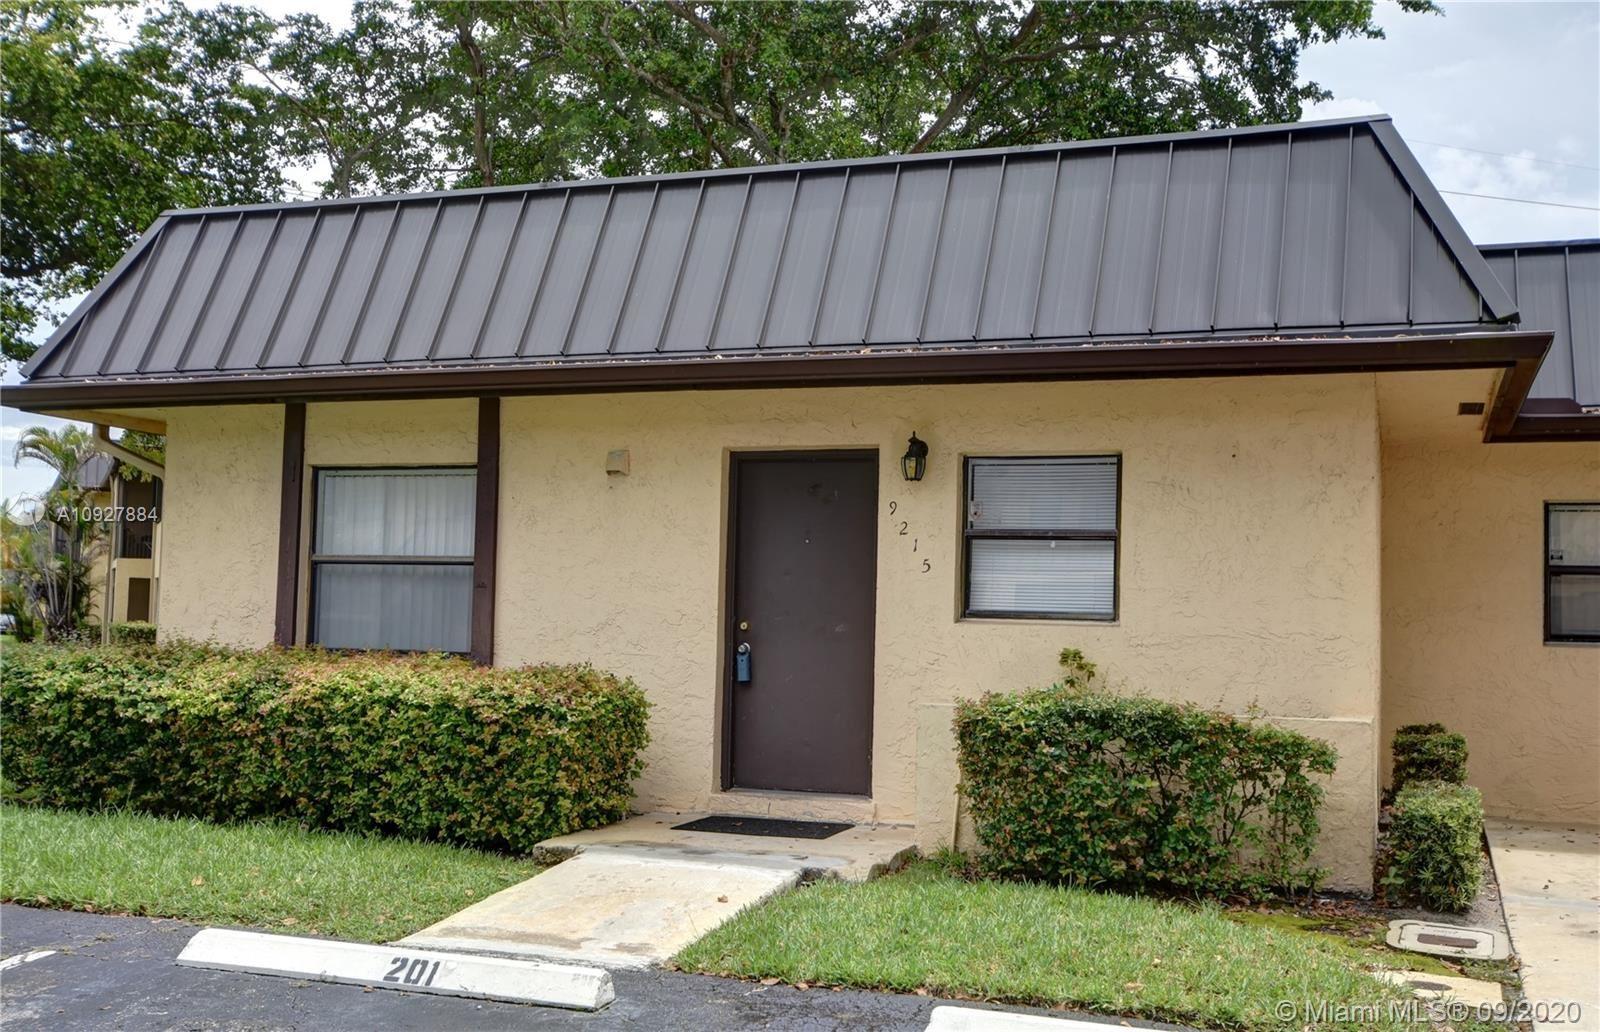 9215 NW 1st St #101, Pembroke Pines, FL 33024 - #: A10927884